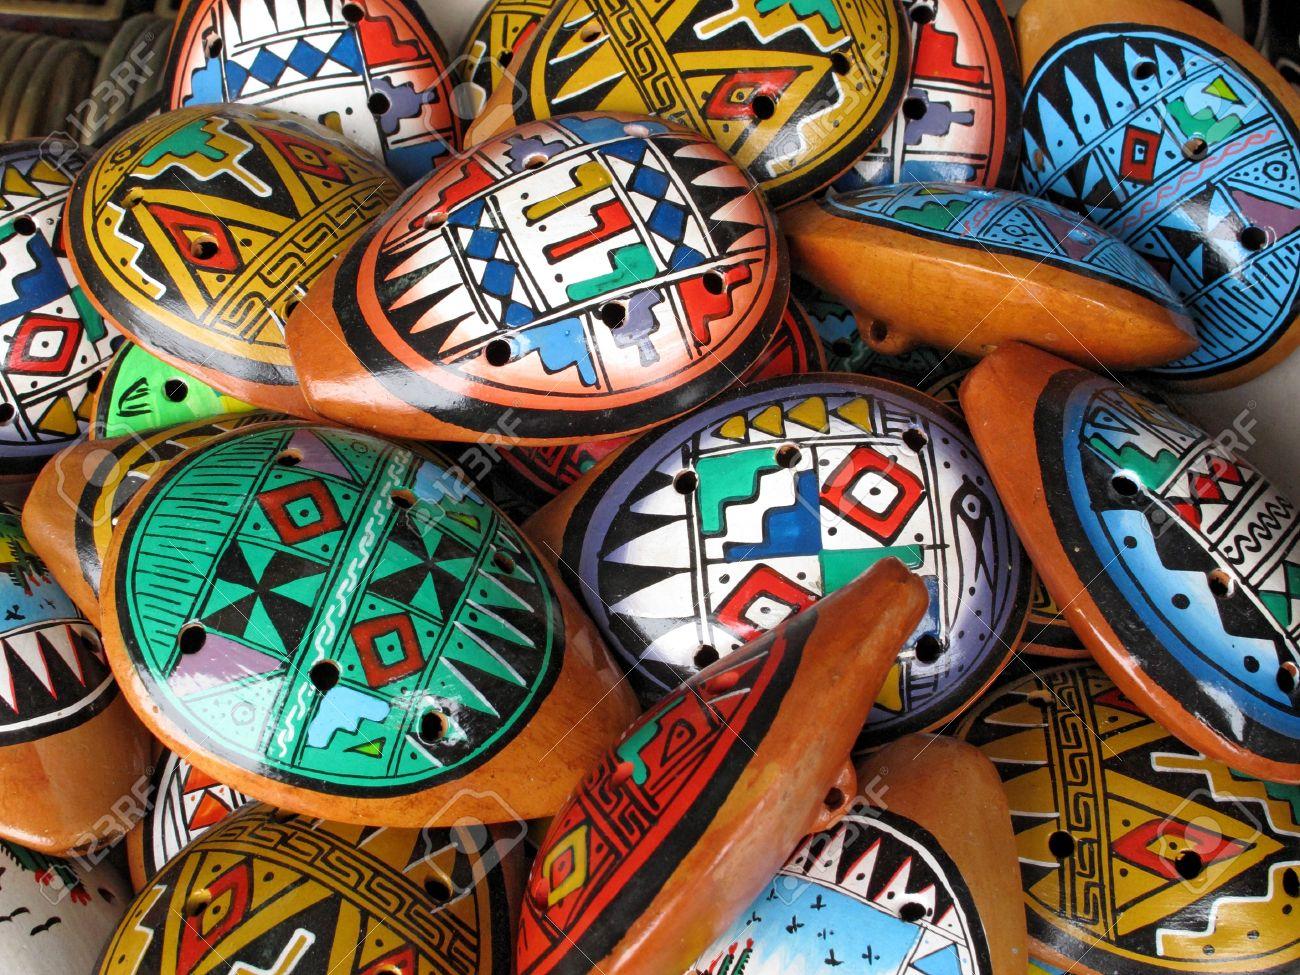 Ocarina. Autochtone instrument de musique composé d'argile Banque d'images - 11172081